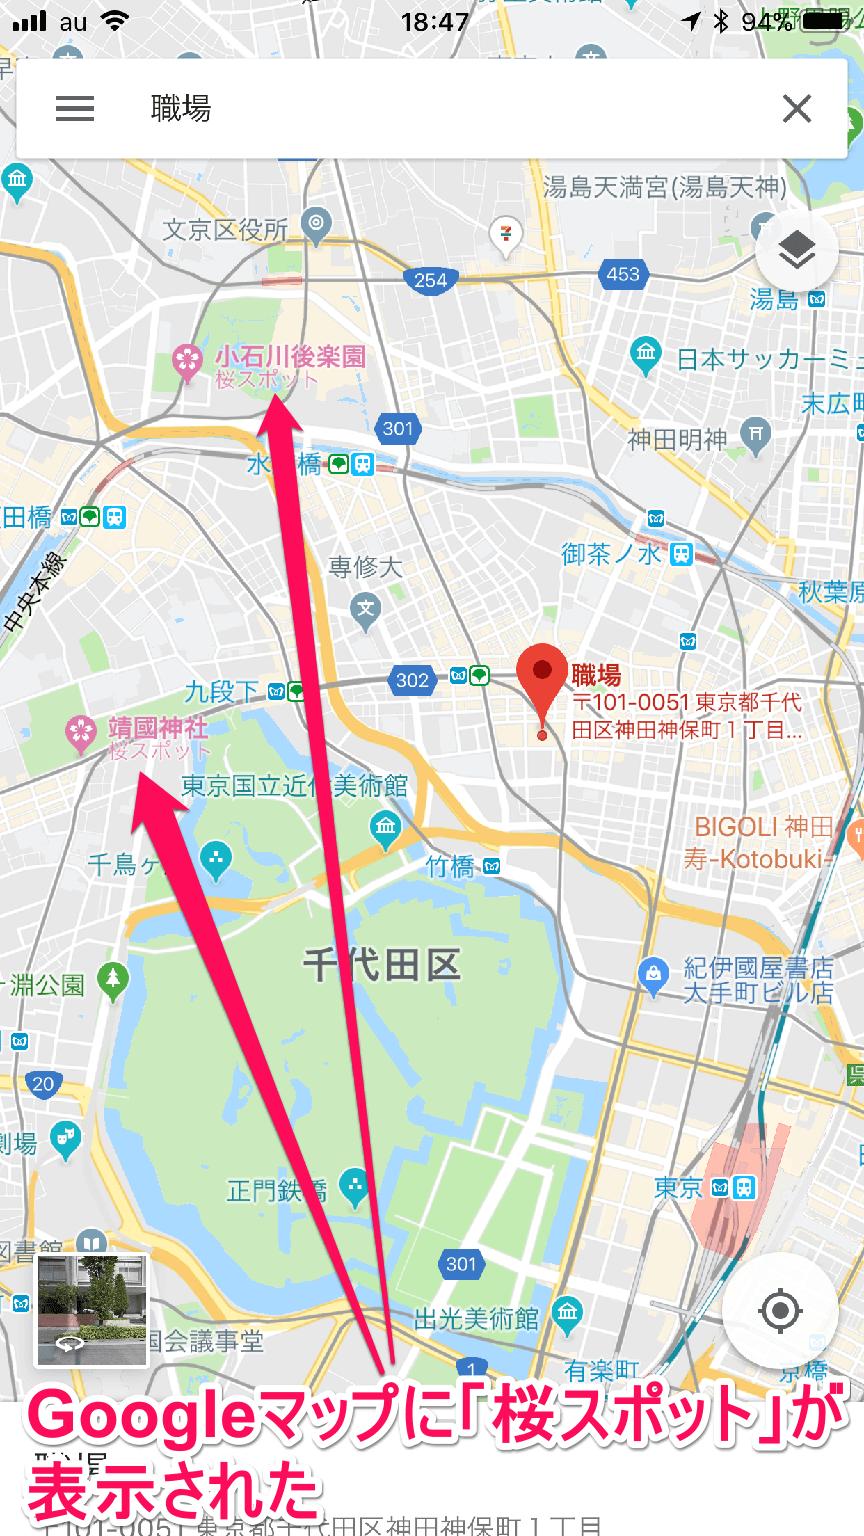 グーグルマップ(Google地図)の画面